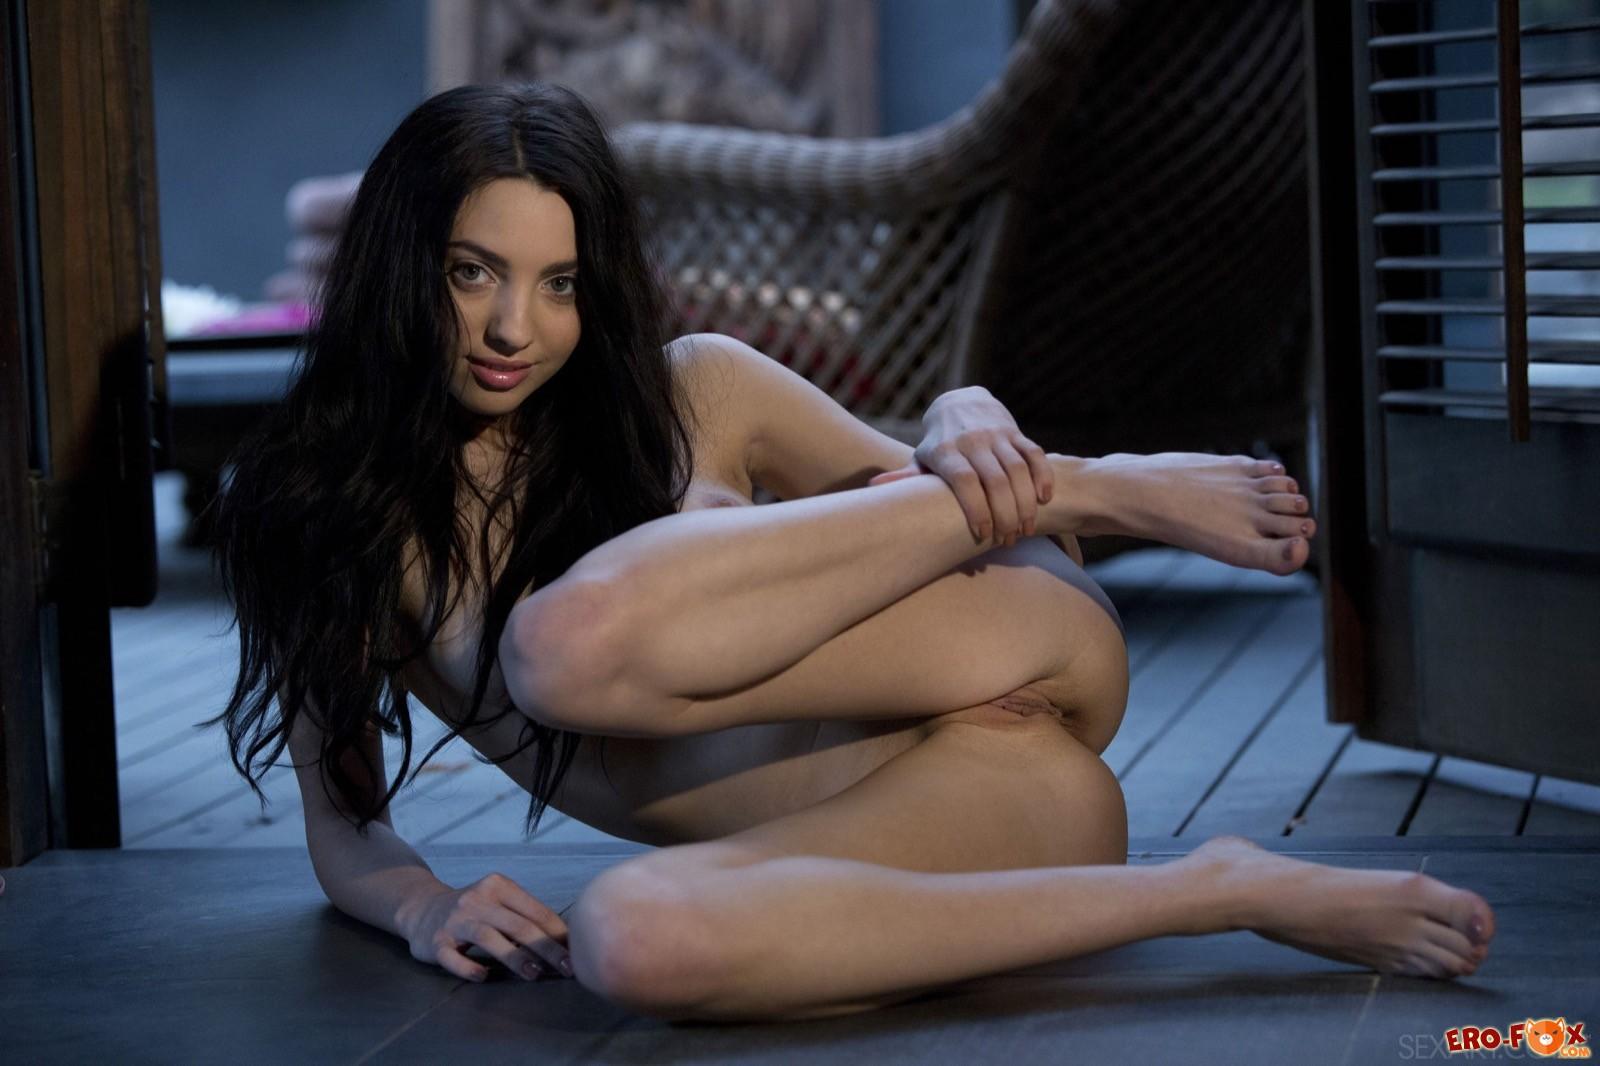 Темноволосая худенькая девица оголяет бритую киску